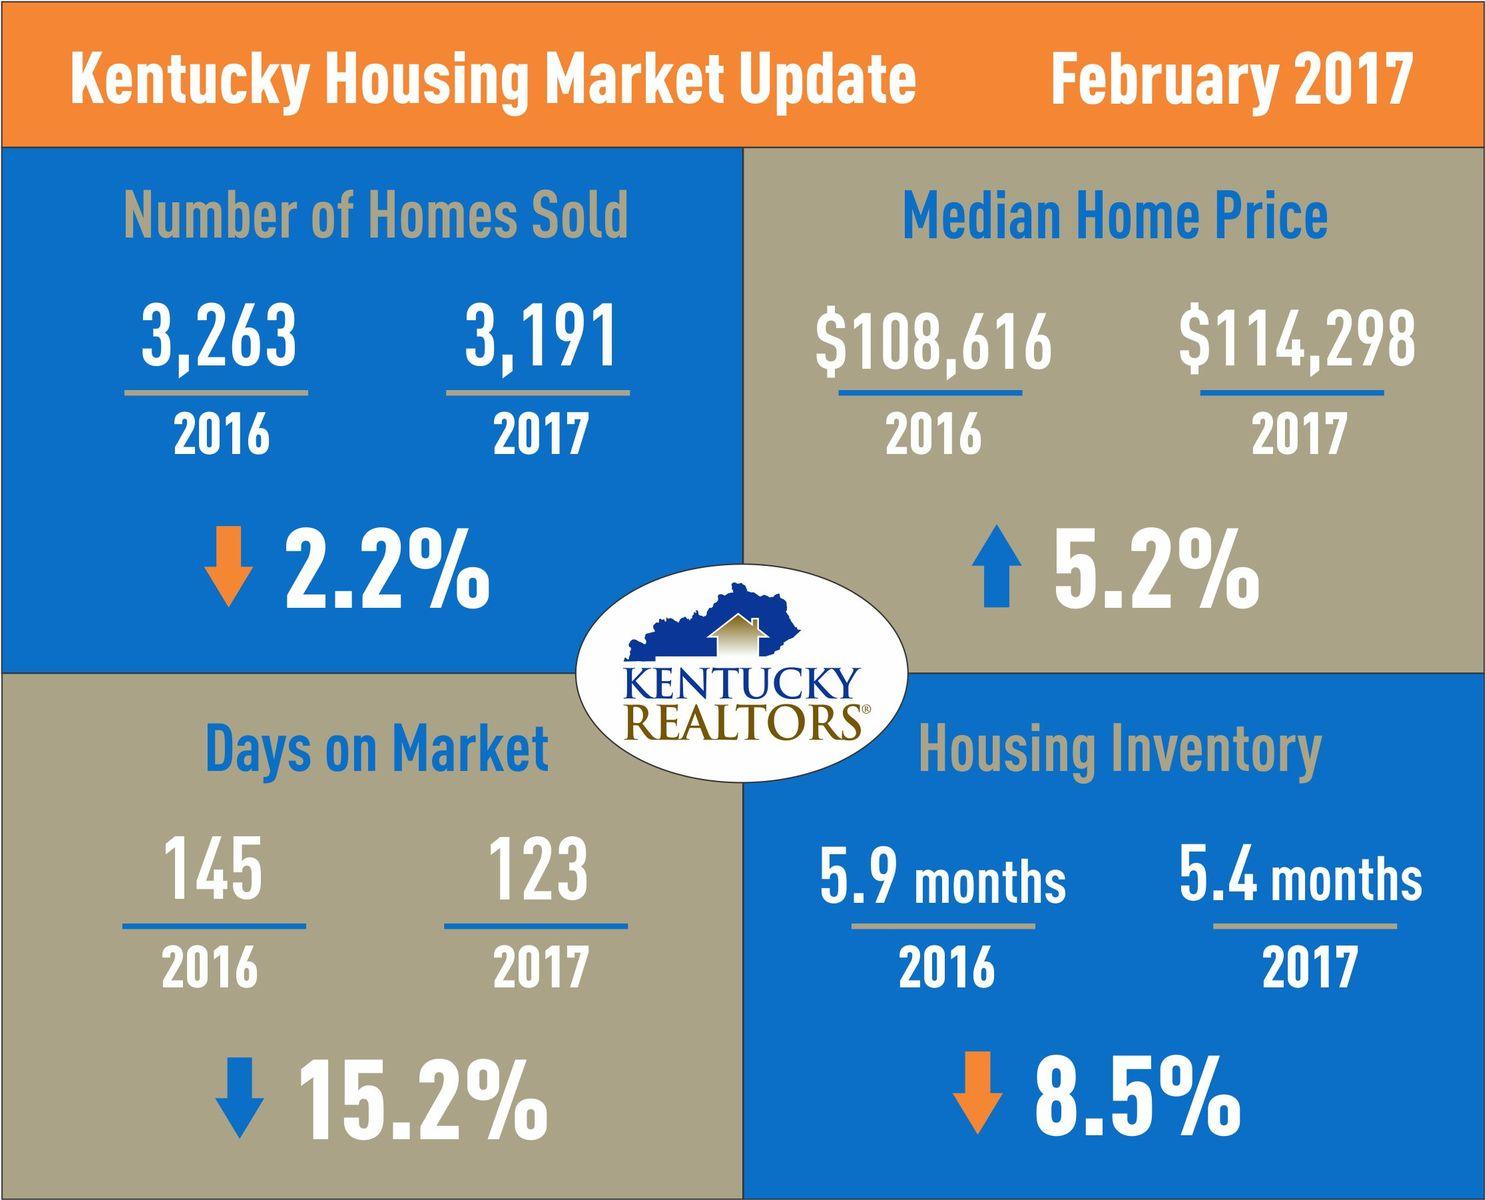 Kentucky Housing Market Update February 2017